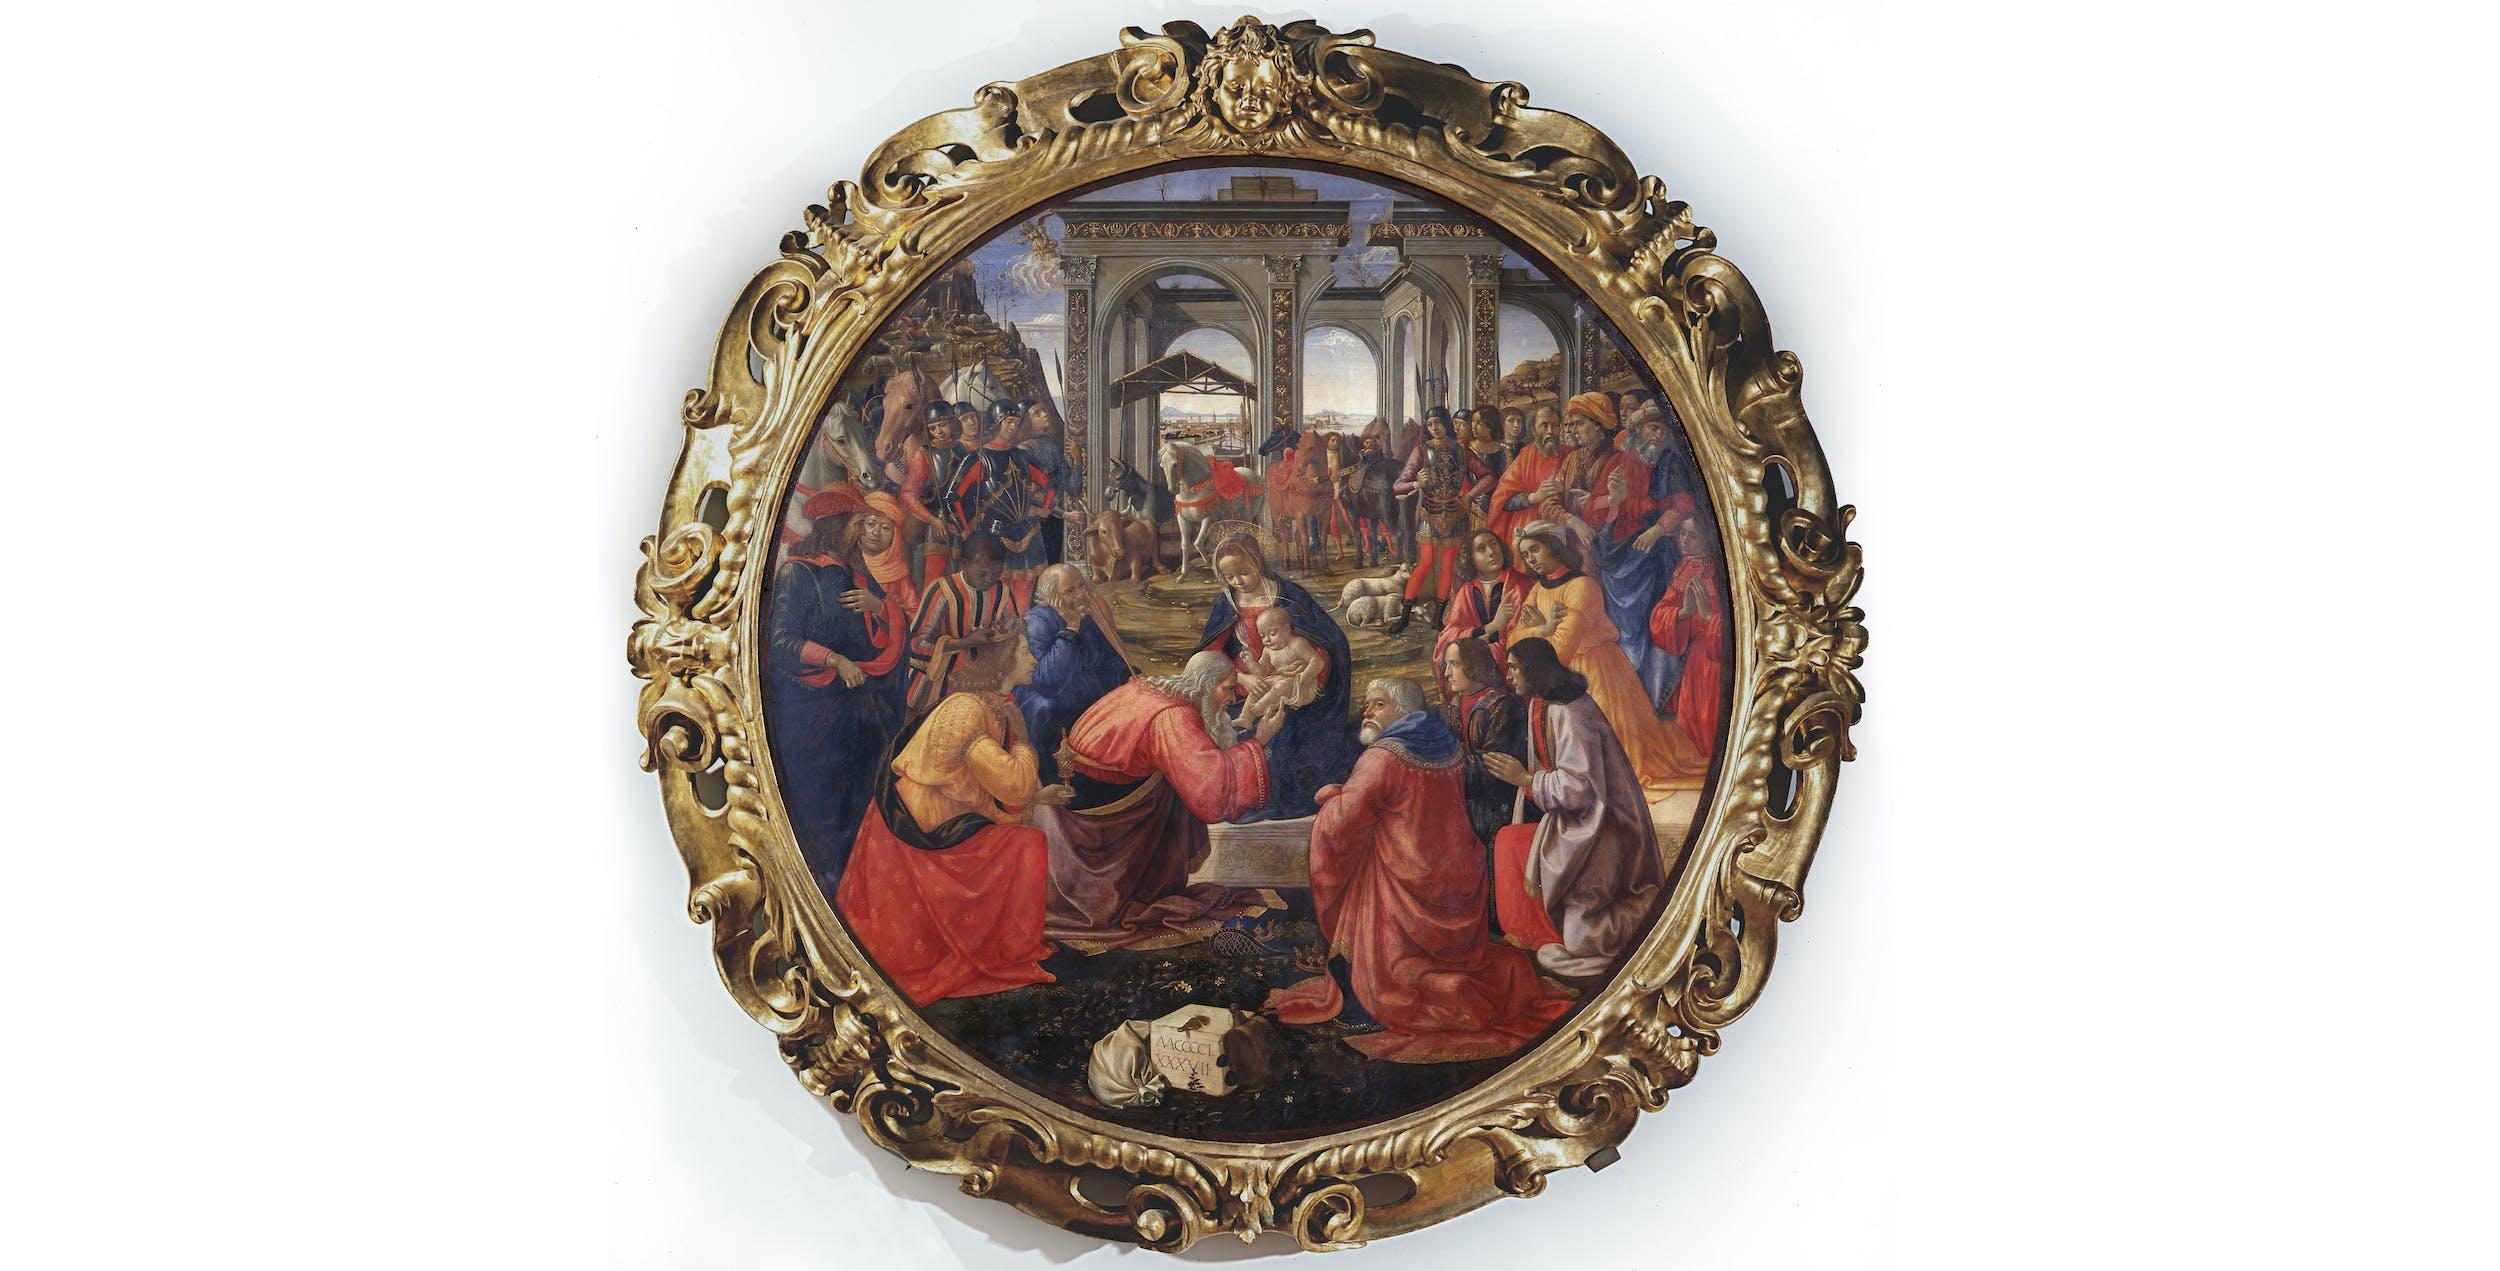 Domenico Ghirlandaio, Adorazione dei Magi I Domenico Ghirlandaio, Adoration of the Magi